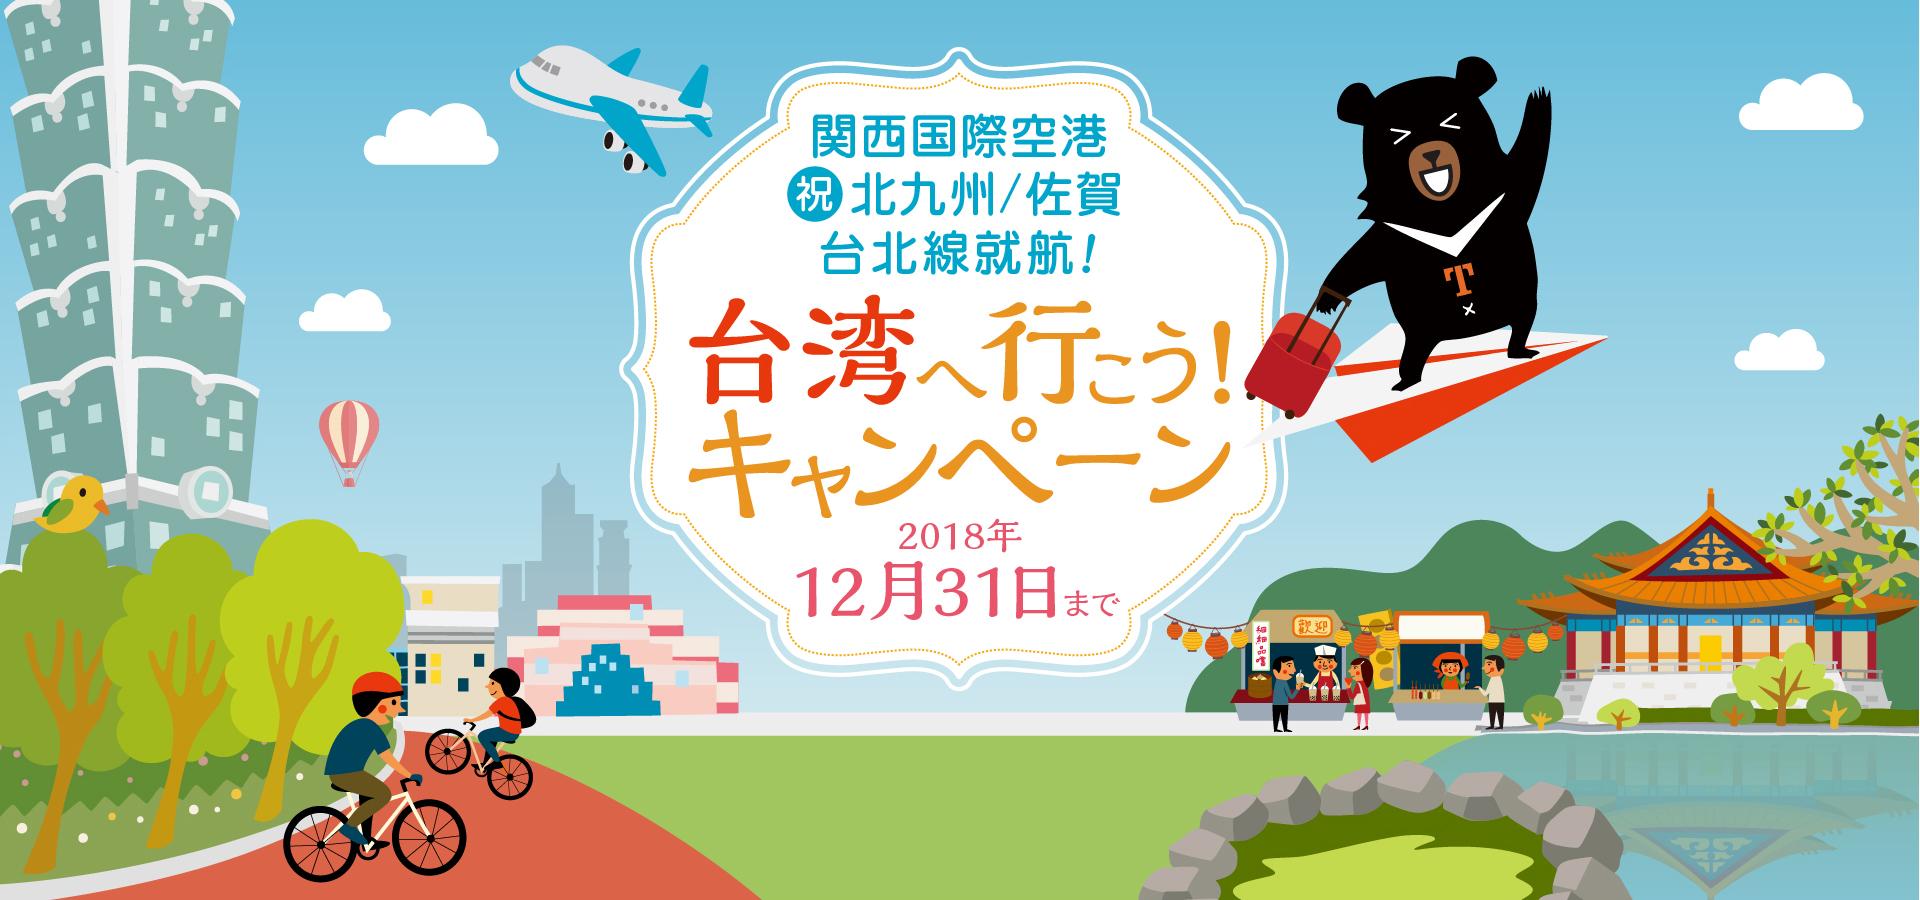 台湾へ行こう!キャンペーン